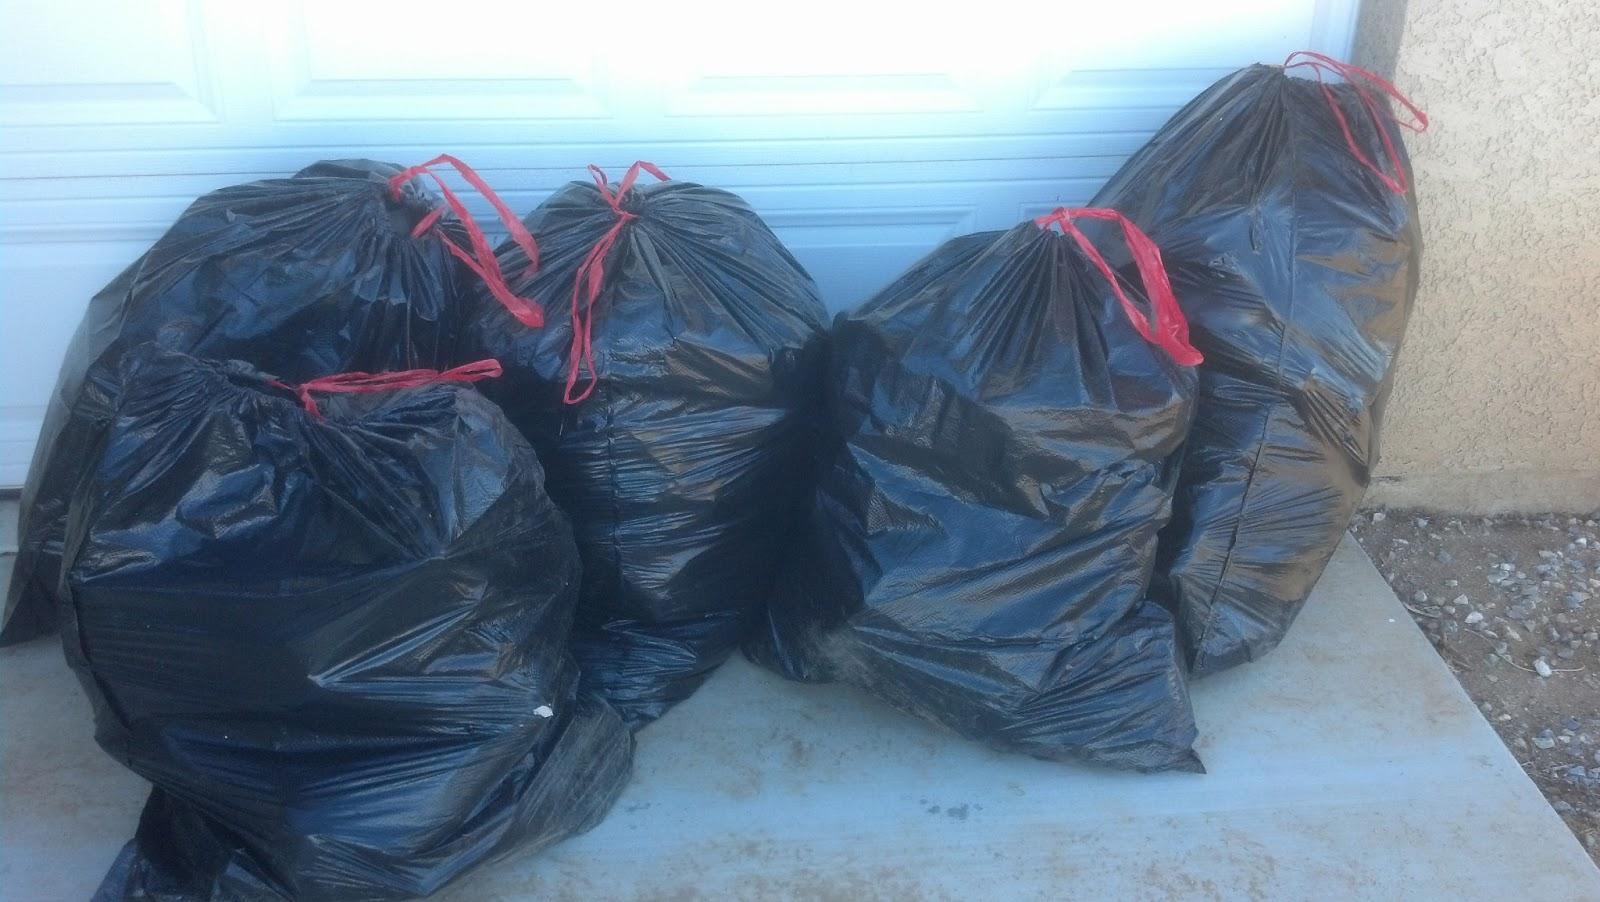 Image result for garbage bag blogspot.com